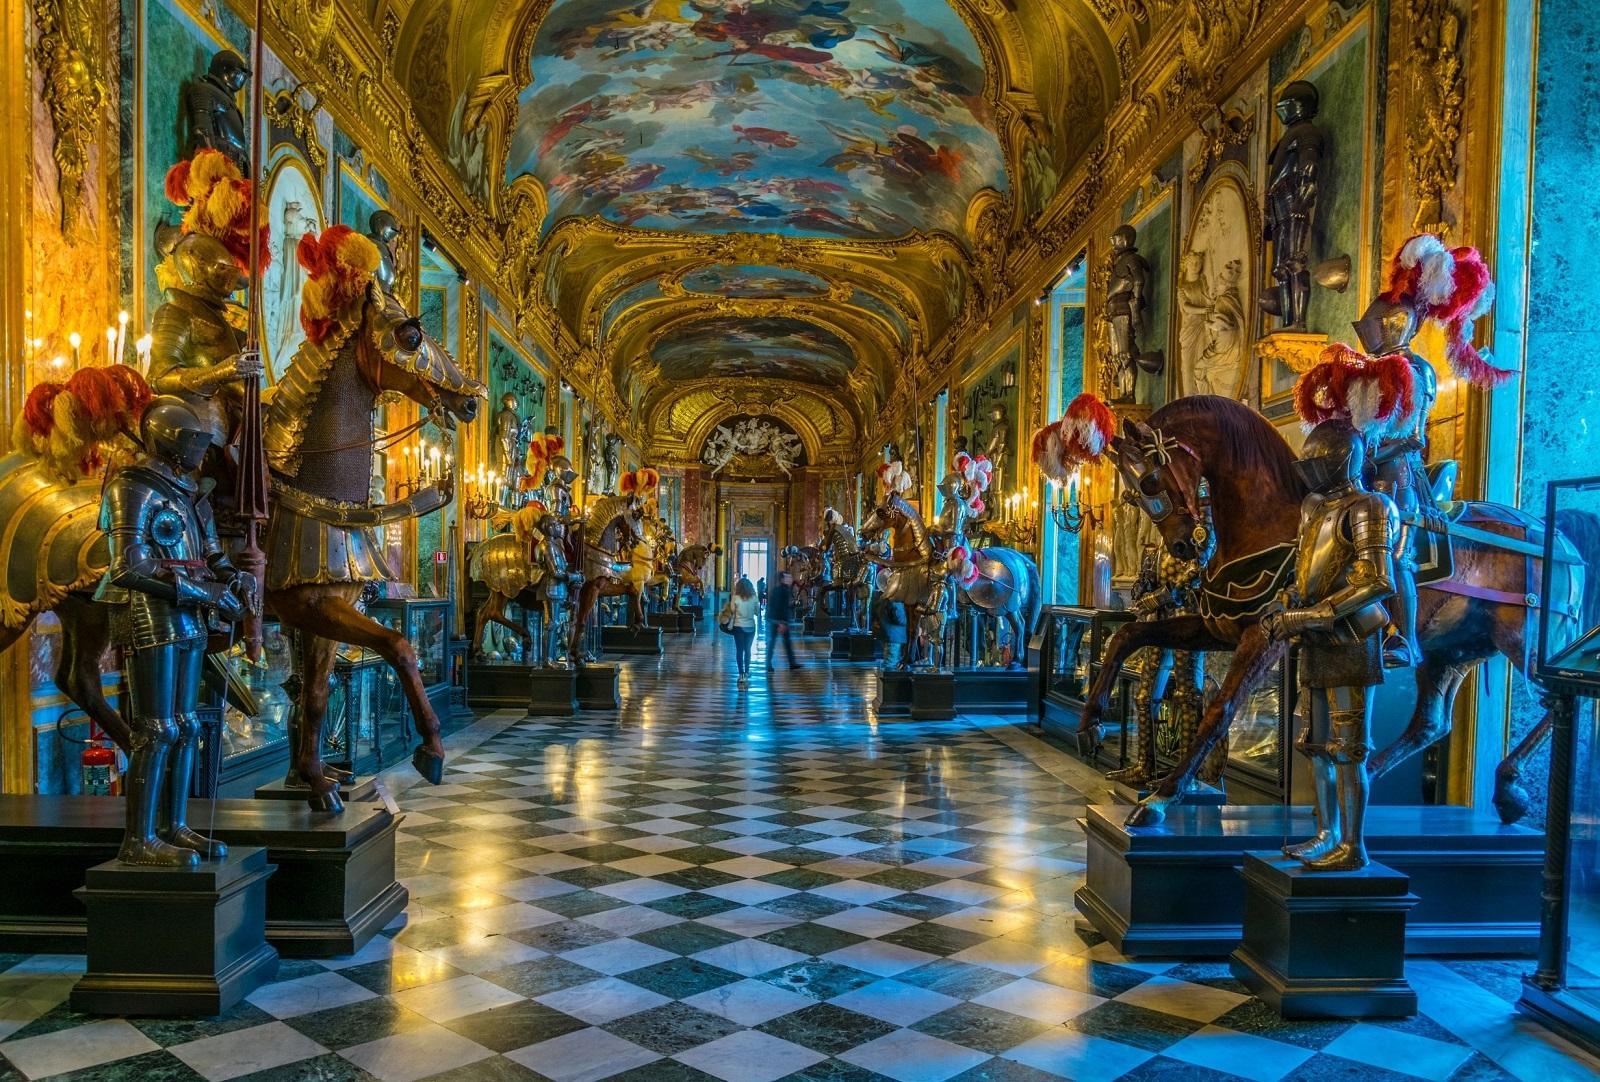 palazzo-reale-armeria-museum-turijn-1